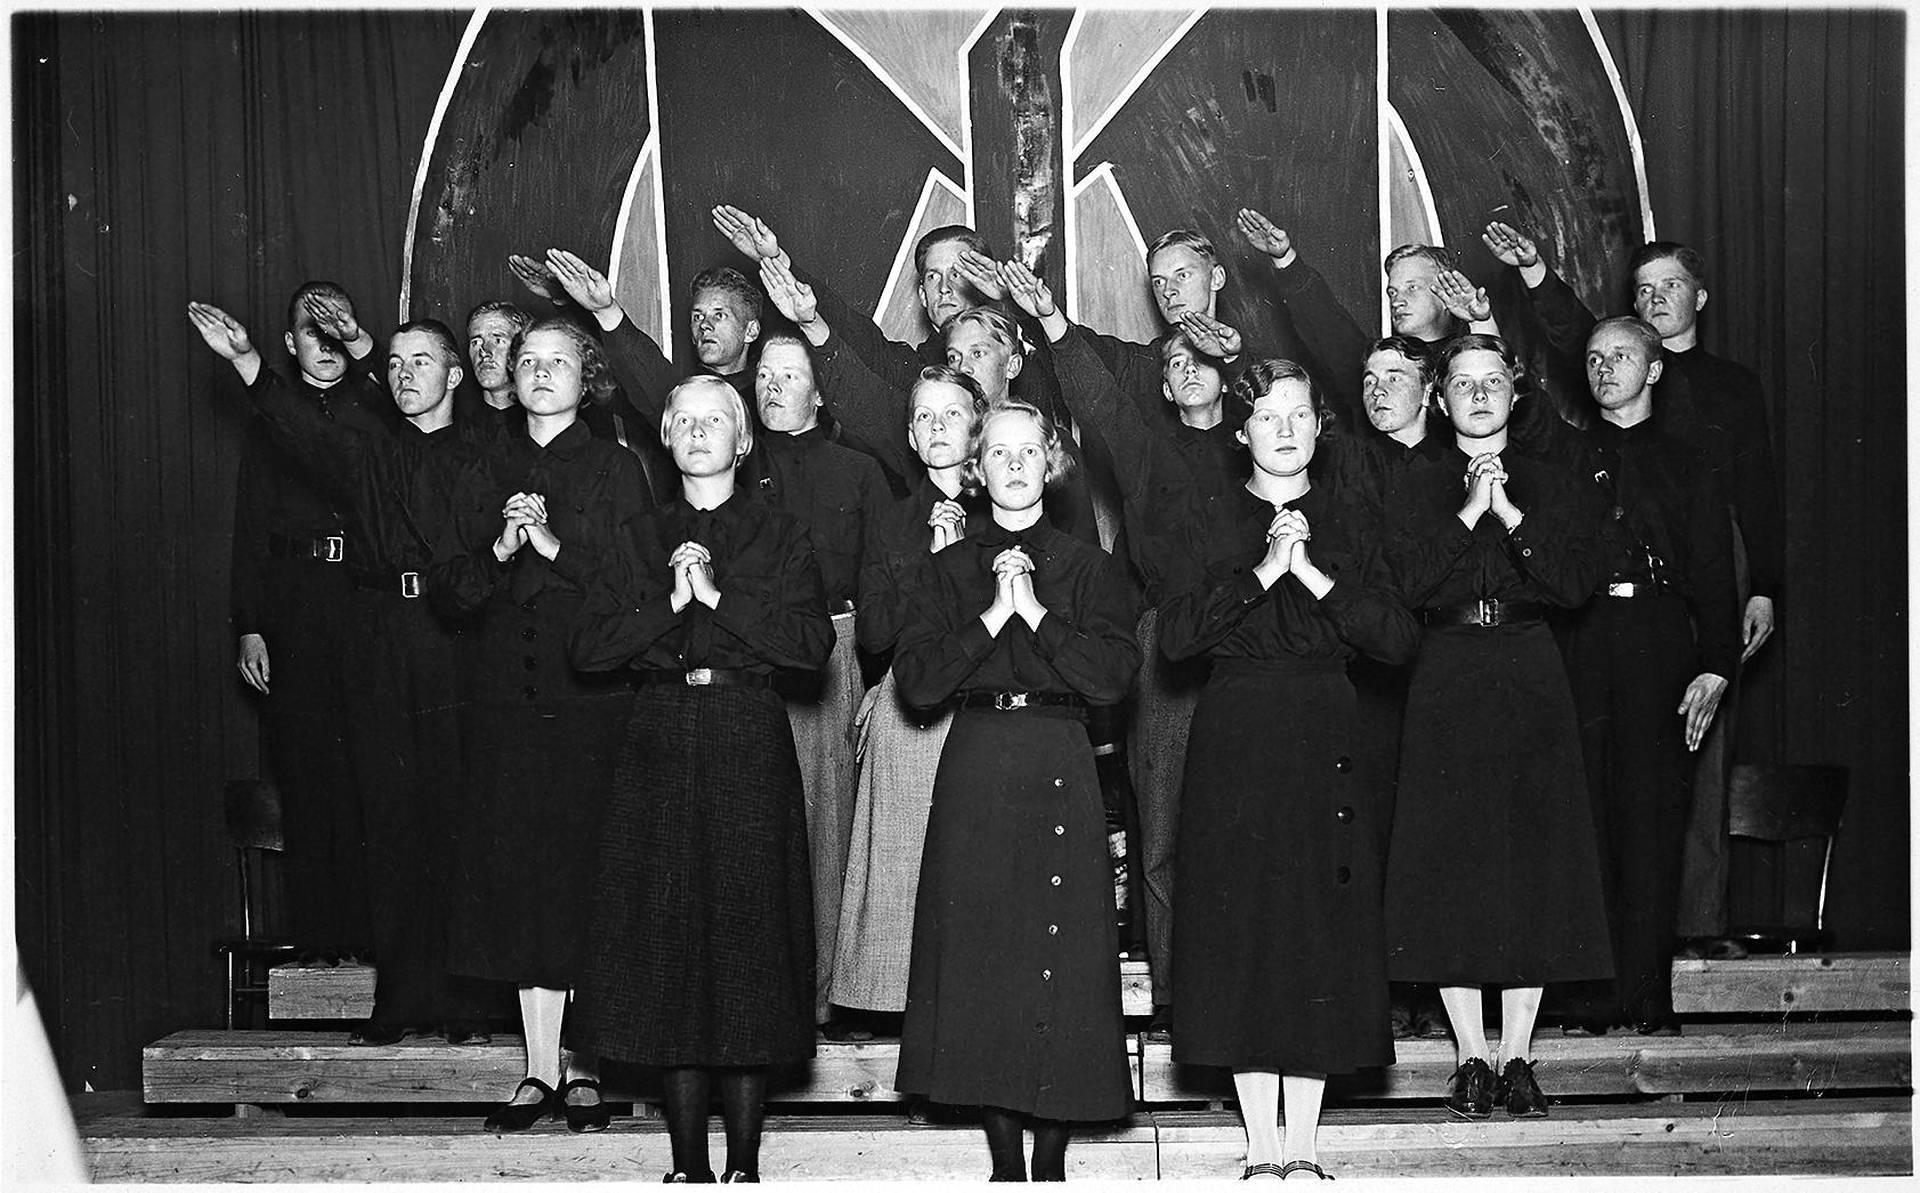 Isänmaallisen Kansanliikkeen nuorisojärjestön Sinimustien lausuntakuoro kiertueella 1930-luvun puolimaissa. Kirjan kuvitusta.